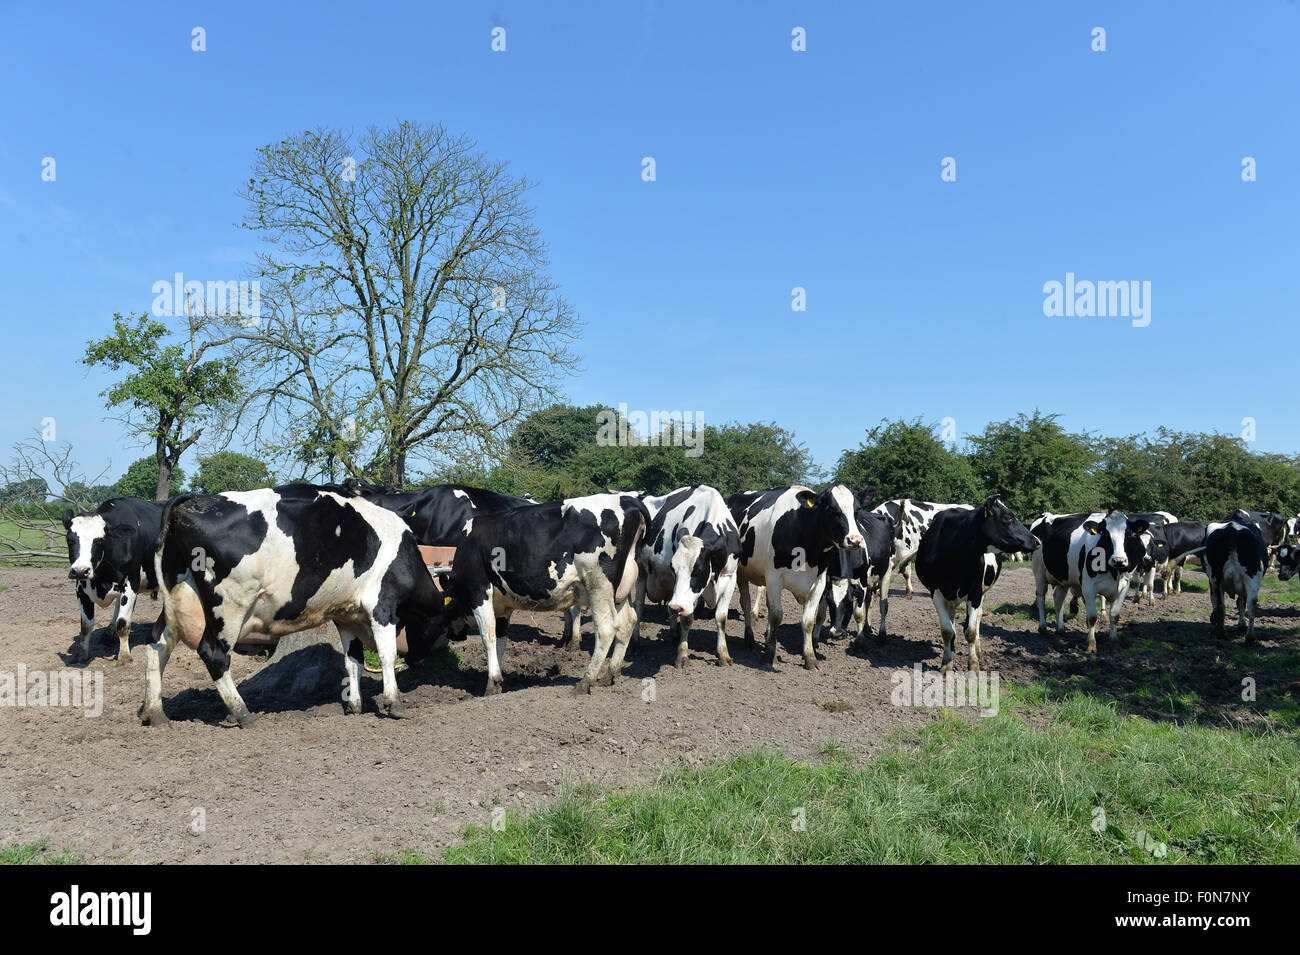 Thedinghausen, Alemania. 03Rd ago, 2015. Las vacas se han reunido en frente de un comedero en un potrero en Thedinghausen, Alemania, 03 de agosto de 2015. Muchas granjas en el estado alemán de Baja Sajonia tienden al bienestar de su ganado. Sin embargo, el pastoreo a menudo ya no es viable. Foto: Carmen Jaspersen/dpa/Alamy Live News Foto de stock